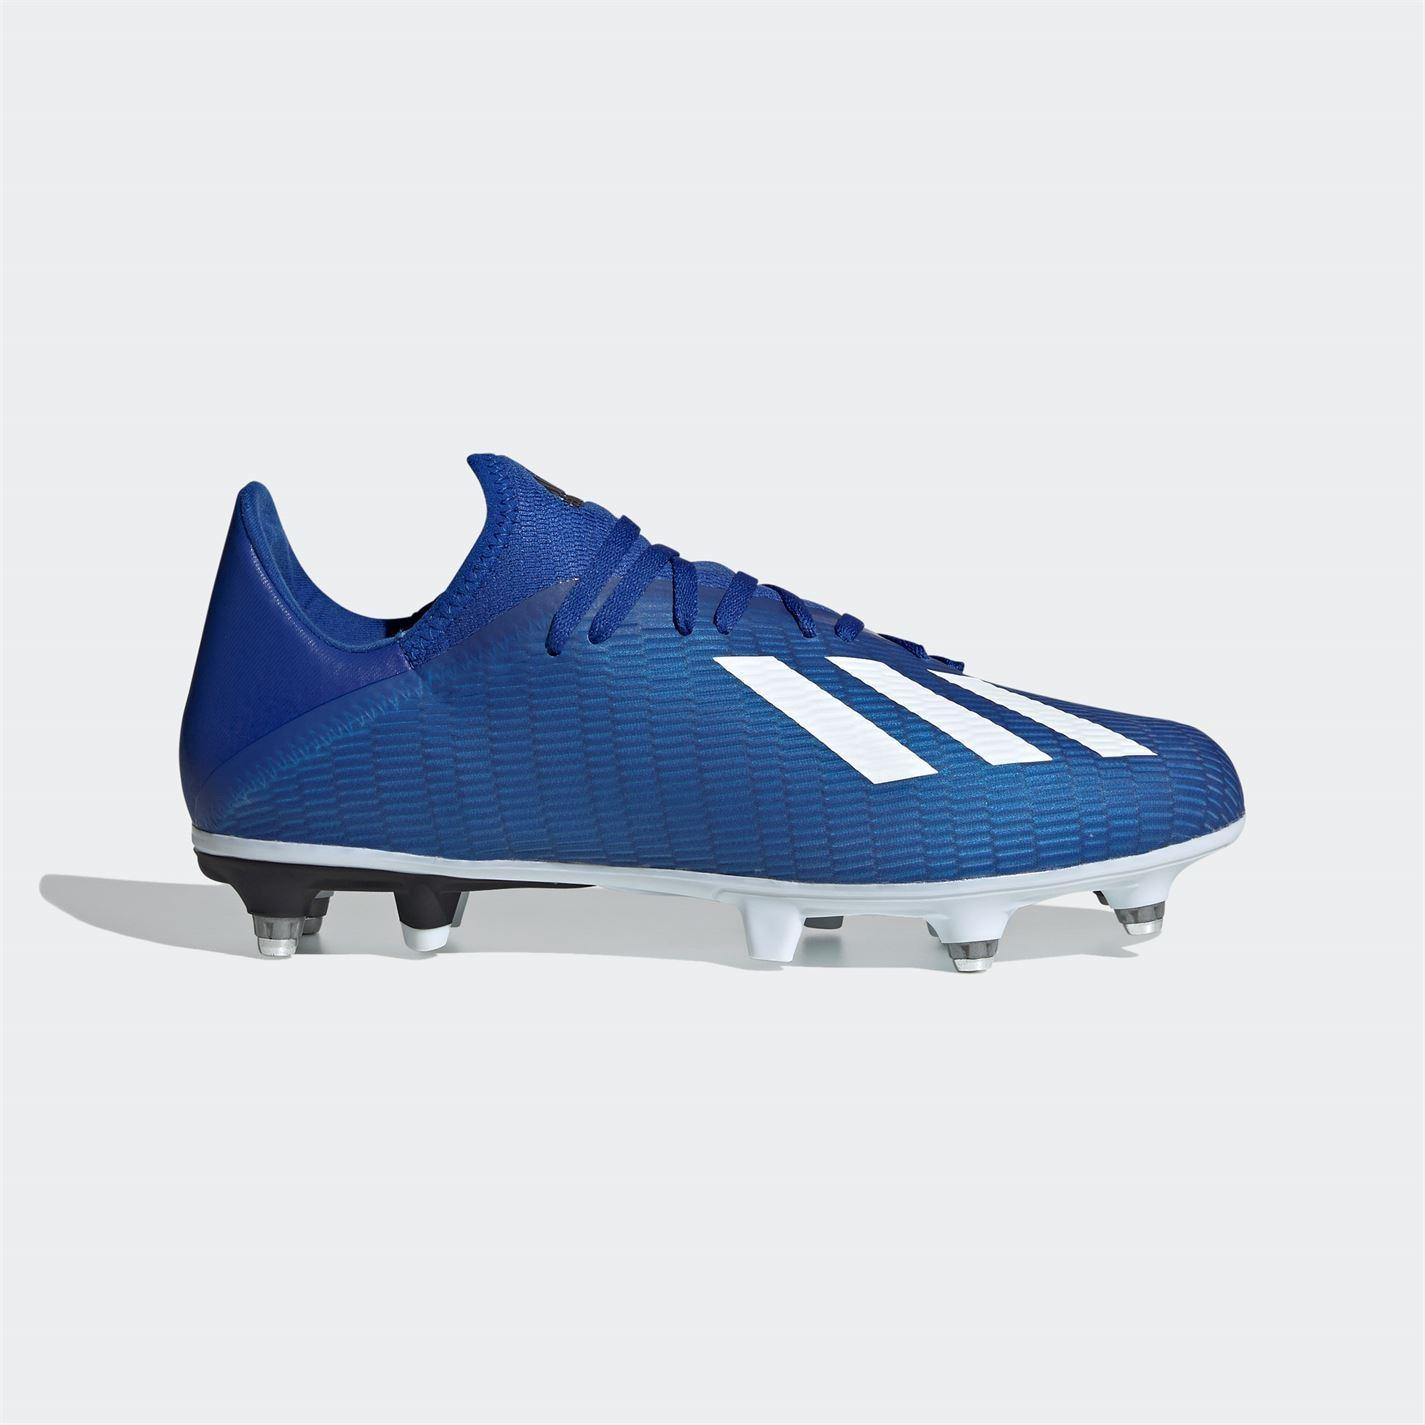 Adidas-X-19-3-Homme-SG-Terrain-Souple-Chaussures-De-Football-Chaussures-de-Foot-Crampons-Baskets miniature 6